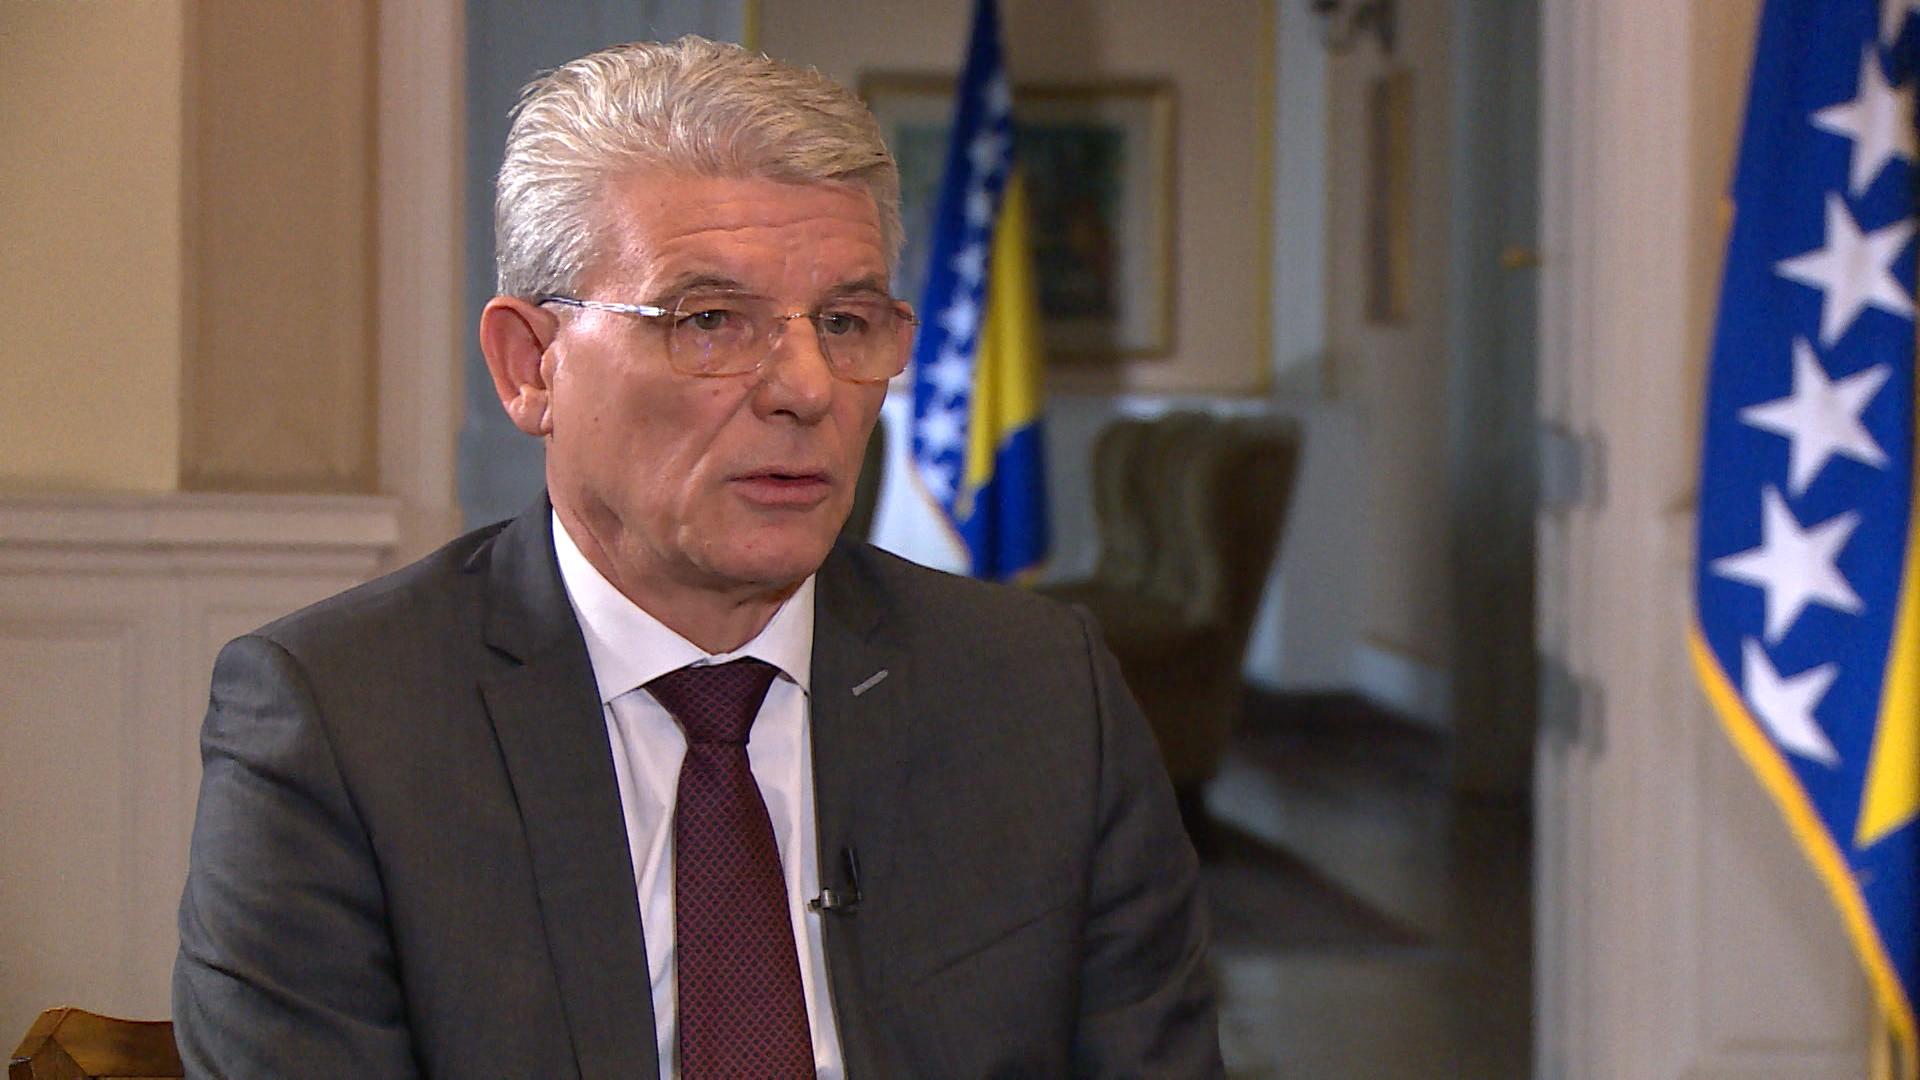 Državnički i na nivou: Predsjedavajući  Predsjedništva Šefik Džaferović o Ministru (Ne)Sigurnosti